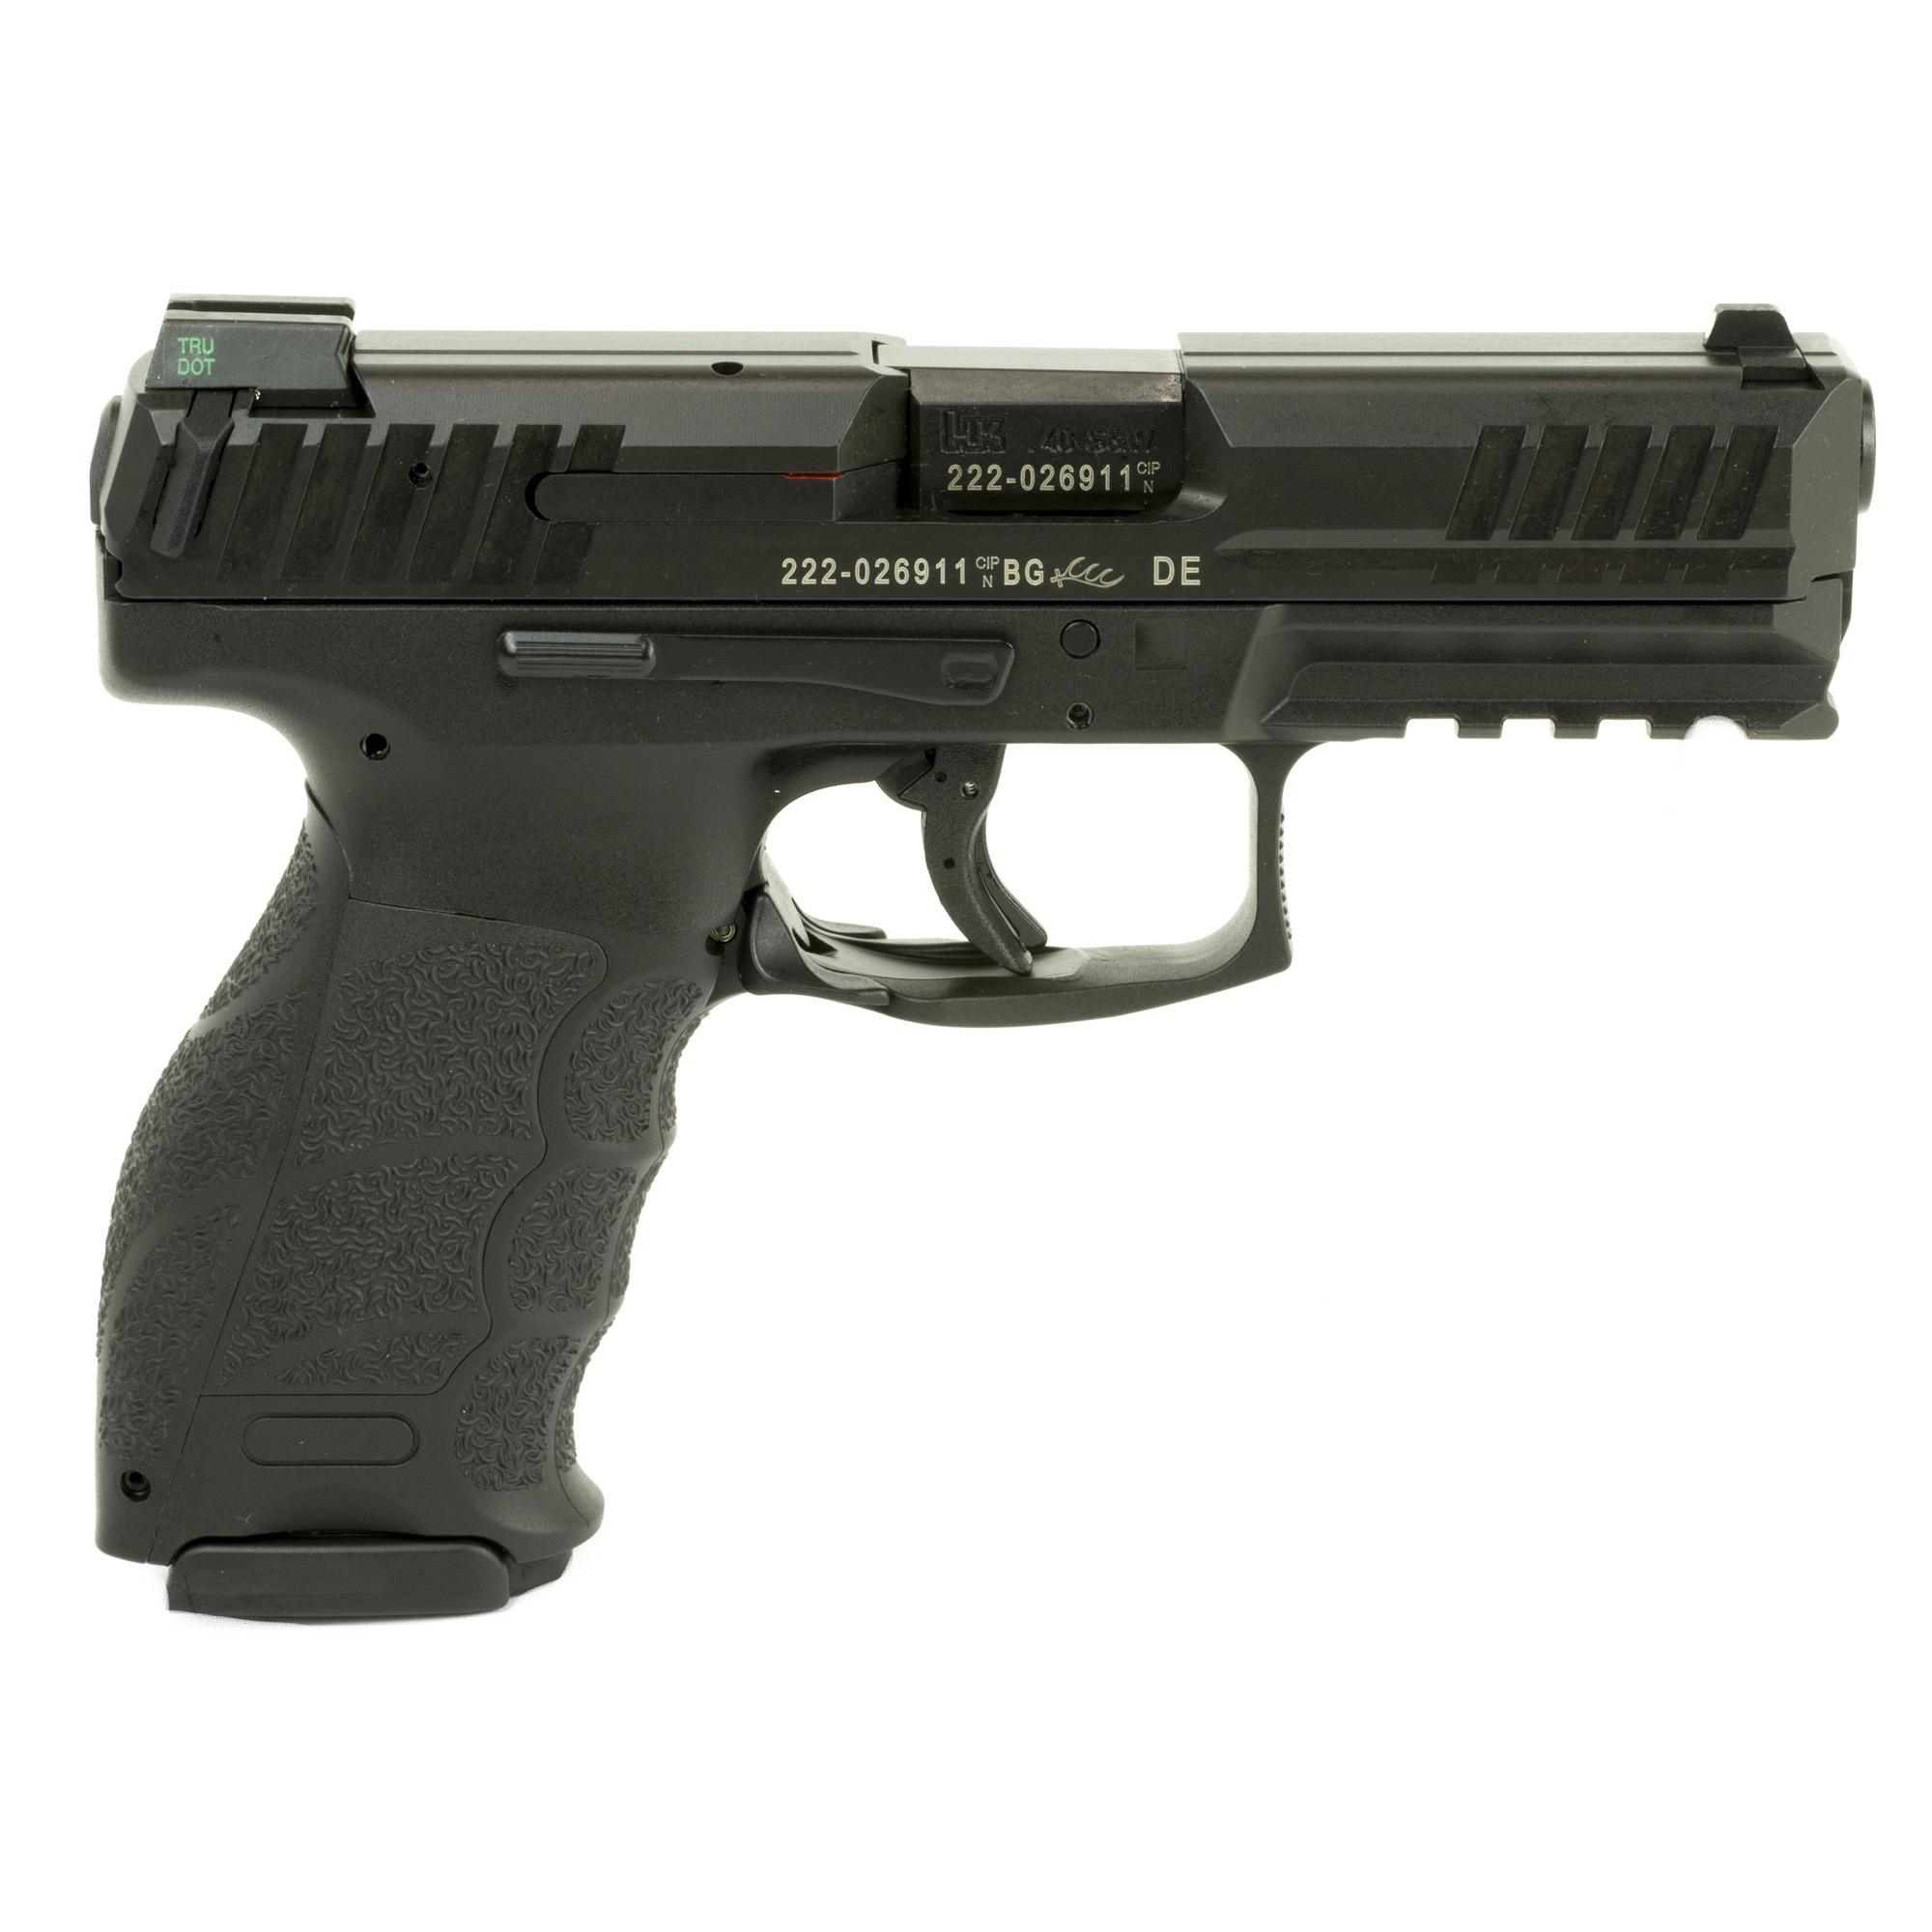 HK VP40 LE 40sw Black · DK Firearms